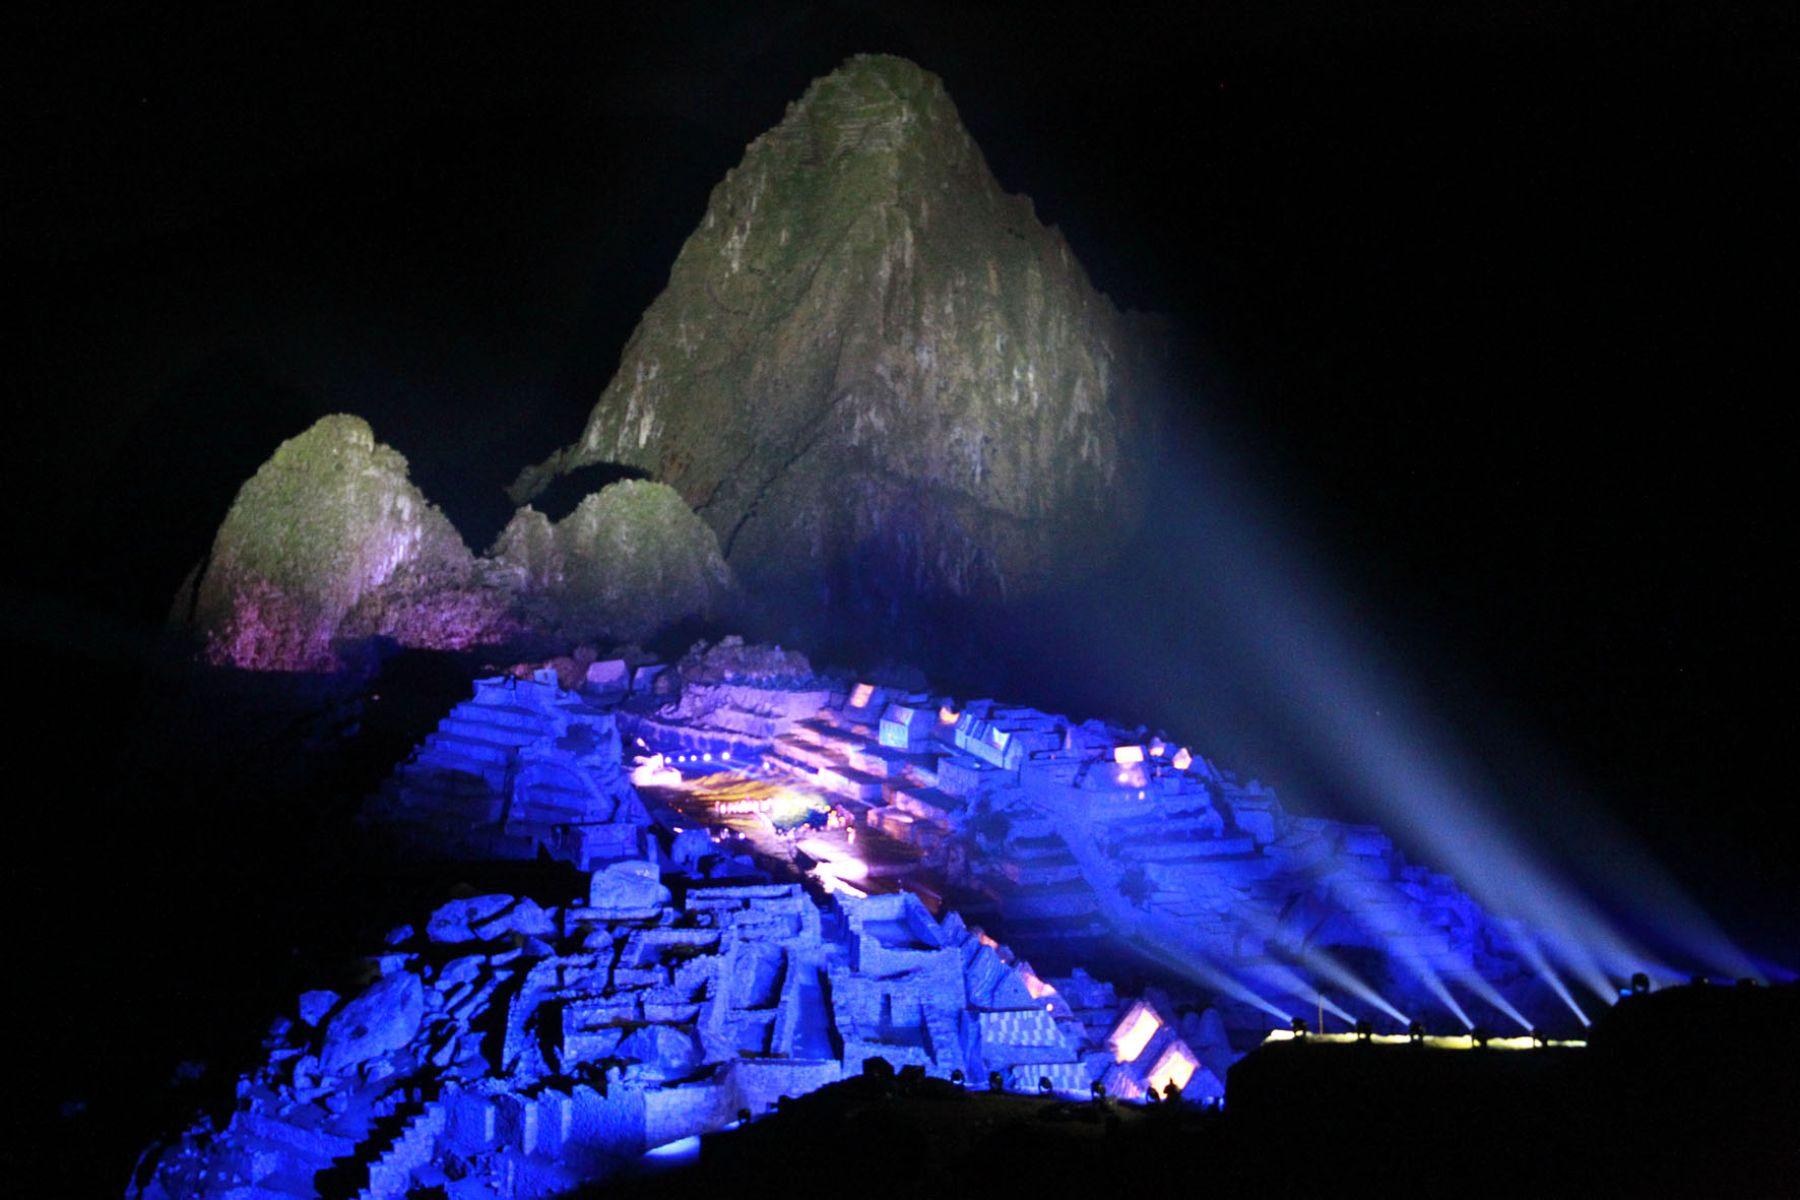 Impresionante iluminación sobre la ciudadela de Machu Picchu durante las celebraciones por los Cien Años de su descubrimiento al mundo. Foto: Sepres.